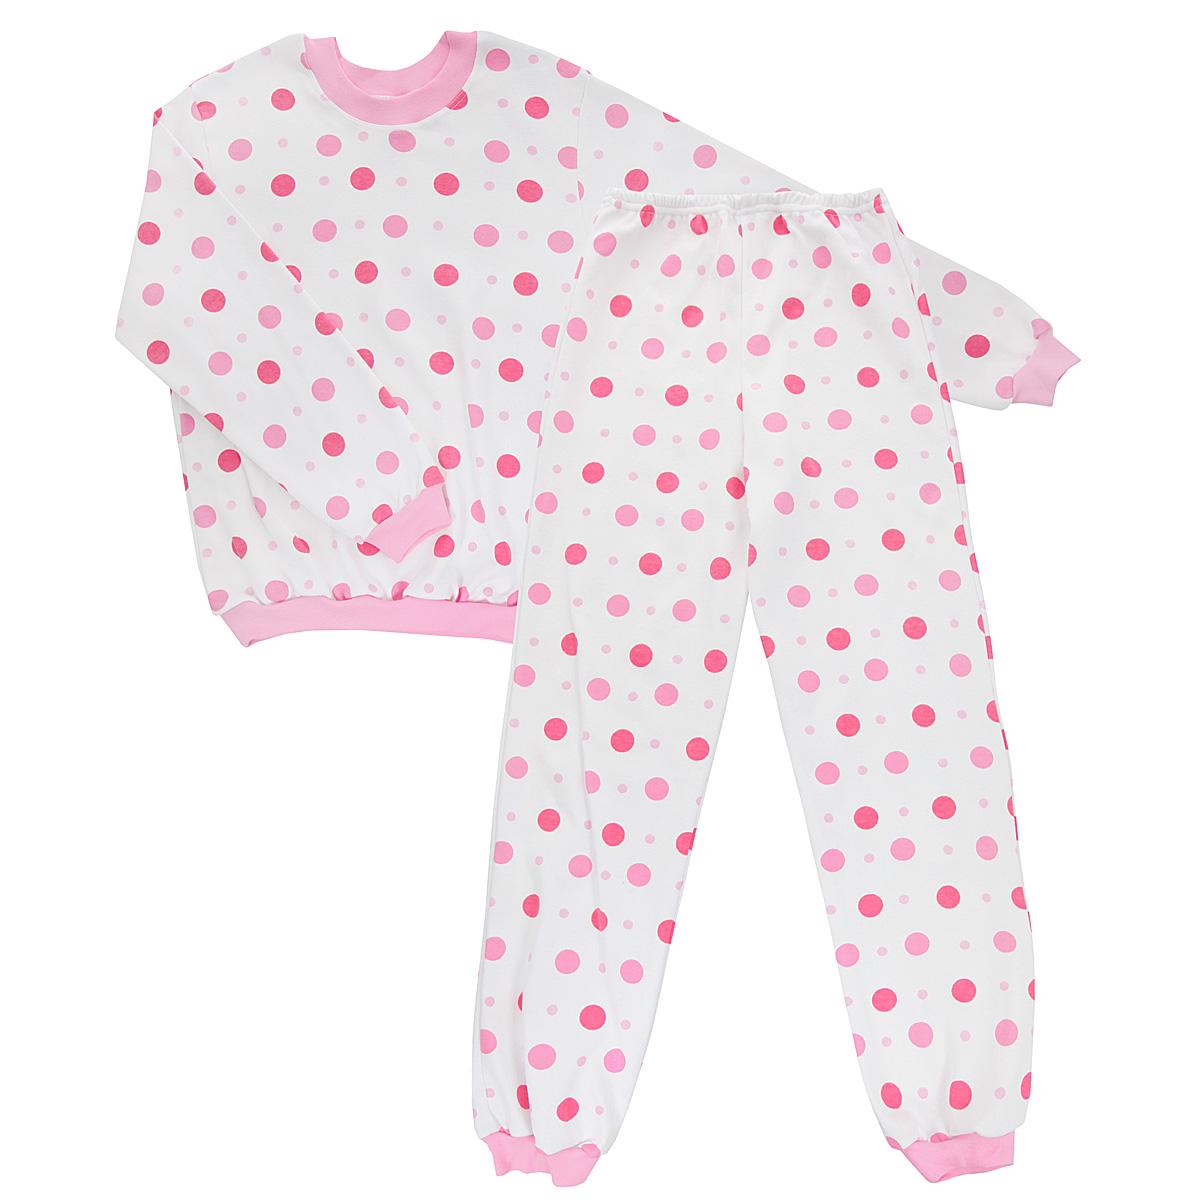 Пижама детская Трон-плюс, цвет: белый, розовый. 5555_горох. Размер 122/128, 7-10 лет5555_горохУютная детская пижама Трон-плюс, состоящая из джемпера и брюк, идеально подойдет вашему ребенку и станет отличным дополнением к детскому гардеробу. Изготовленная из интерлока, она необычайно мягкая и легкая, не сковывает движения, позволяет коже дышать и не раздражает даже самую нежную и чувствительную кожу ребенка. Трикотажный джемпер с длинными рукавами имеет круглый вырез горловины. Низ изделия, рукава и вырез горловины дополнены эластичной трикотажной резинкой.Брюки на талии имеют мягкую резинку, благодаря чему не сдавливают живот ребенка и не сползают. Низ брючин дополнен широкими манжетами.Оформлено изделие оригинальным принтом в горох. В такой пижаме ваш ребенок будет чувствовать себя комфортно и уютно во время сна.